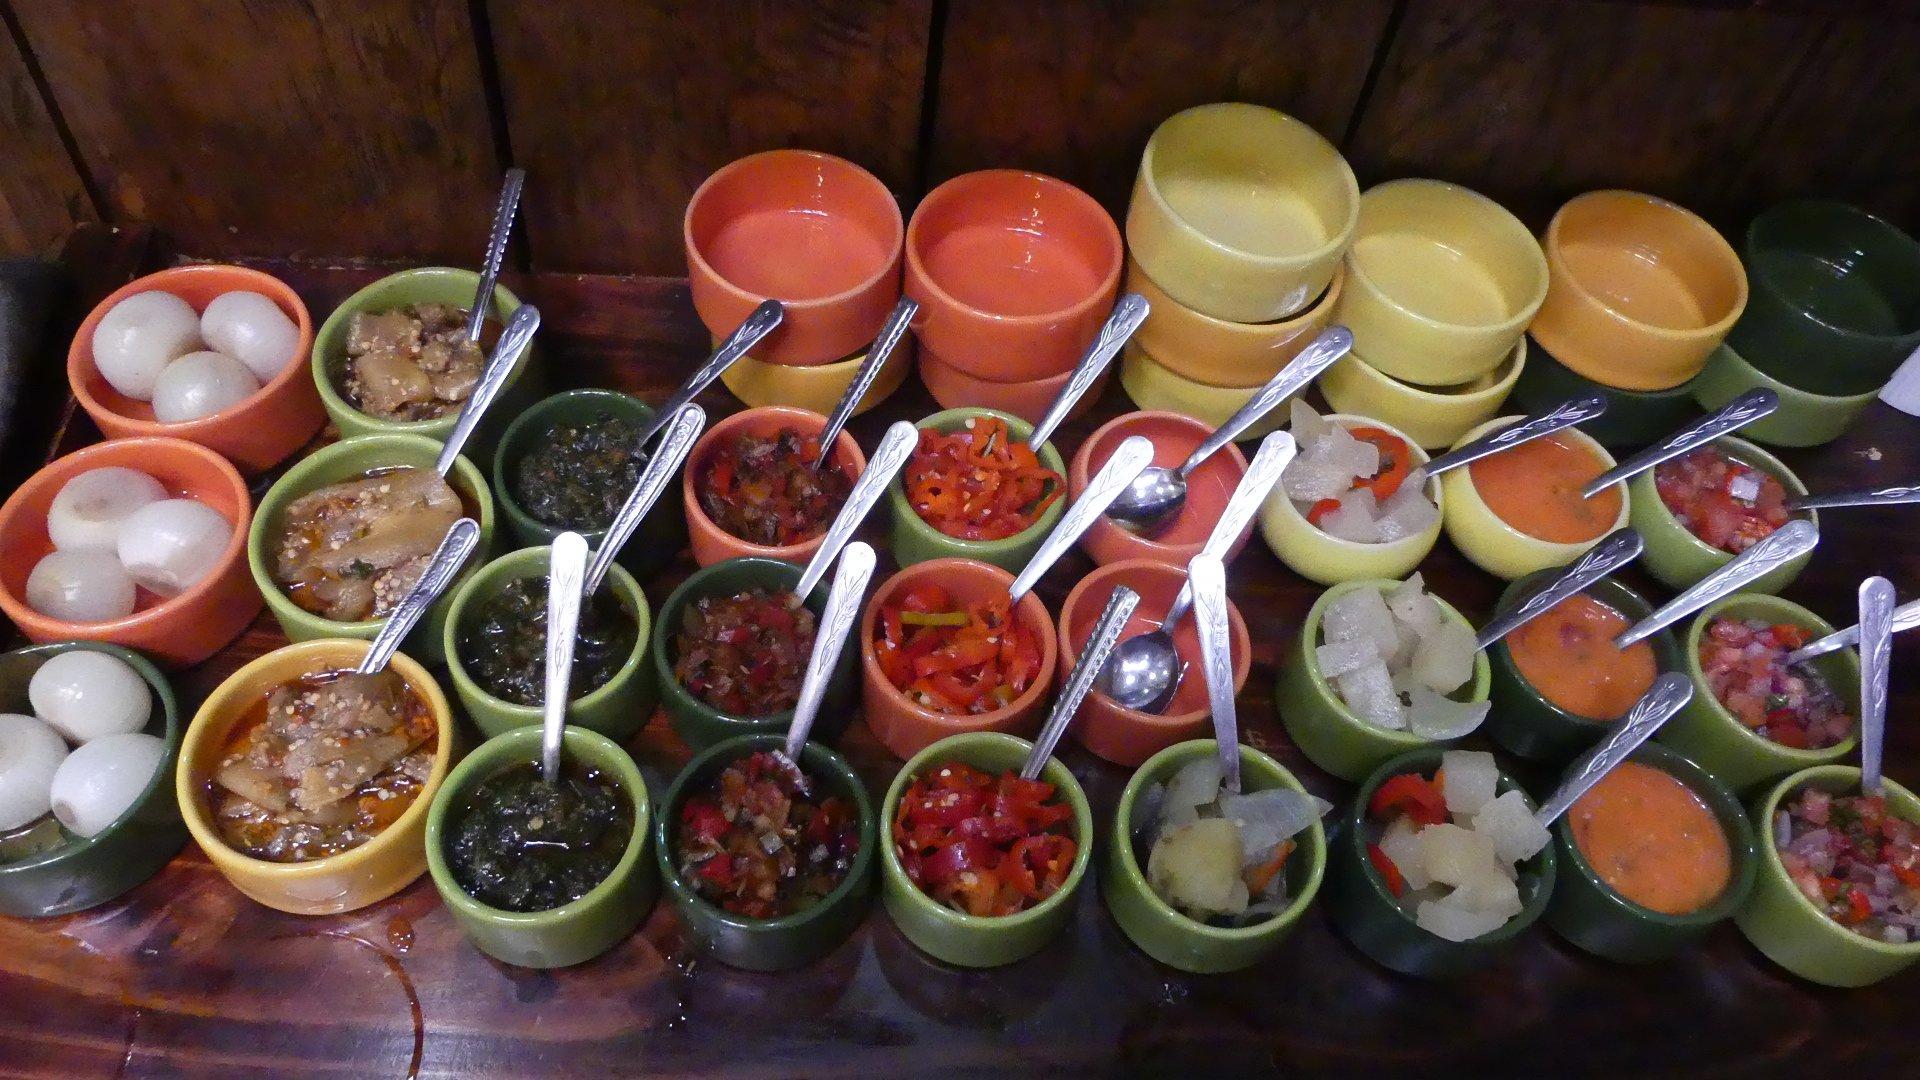 Einheimische Spezilitäten - Shopping- und Einkaufsmöglichkeiten in Ecuador